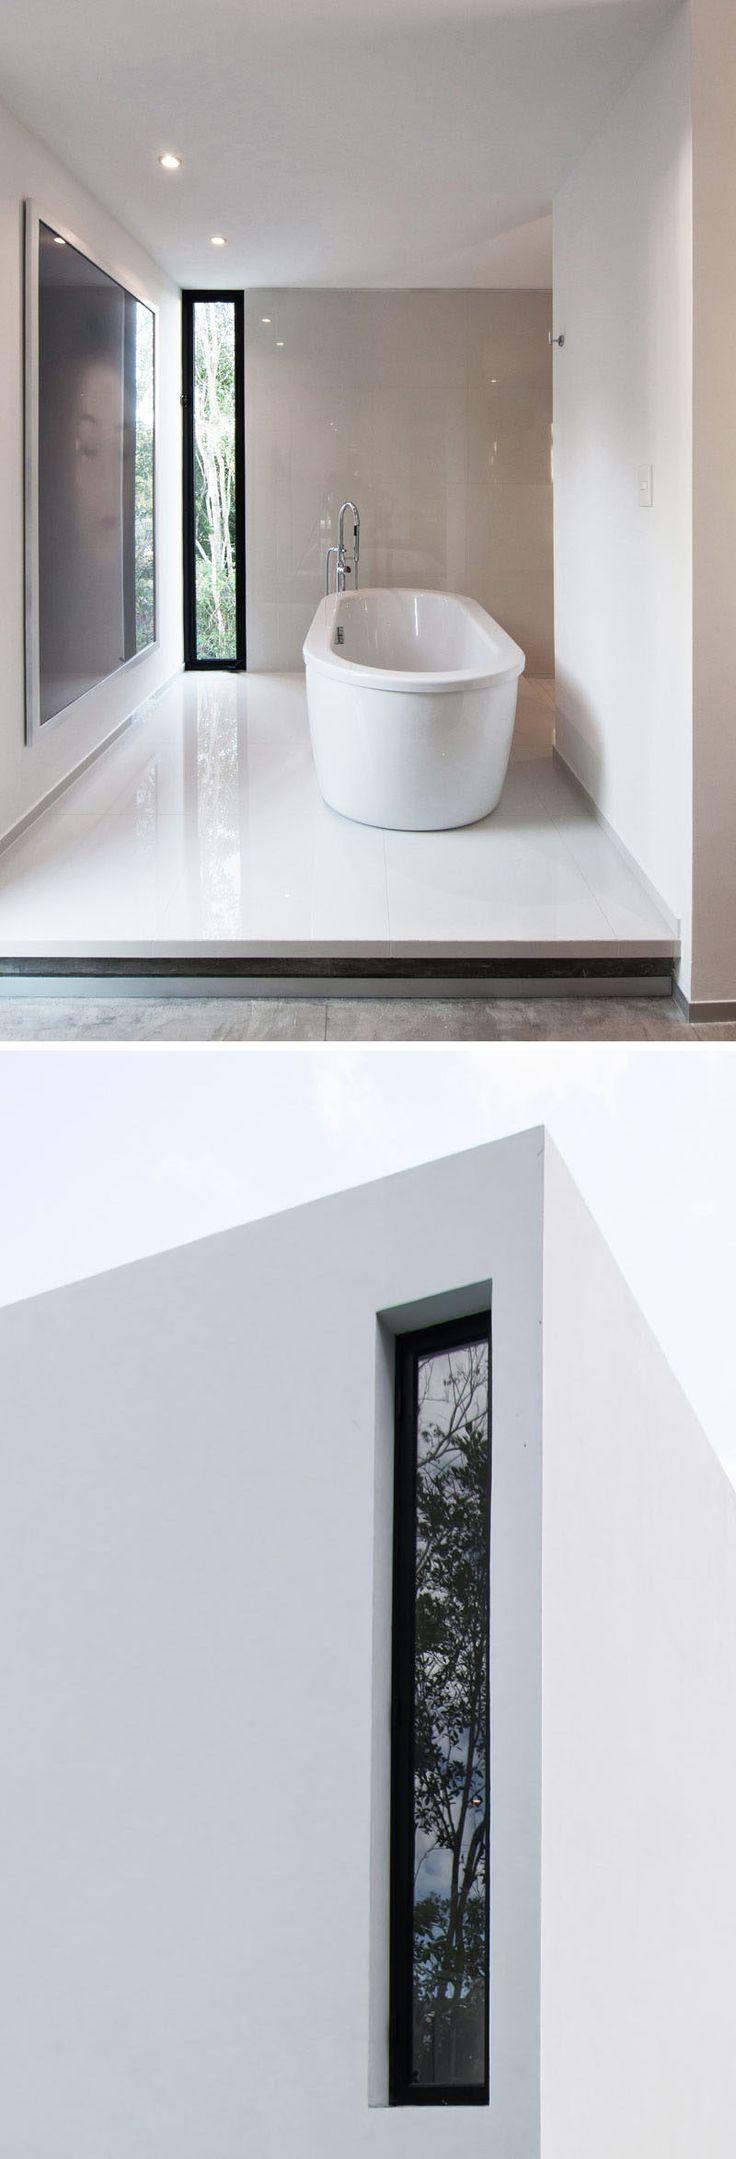 1000 id es sur le th me salle de bains troite sur pinterest longue salle de bains troite. Black Bedroom Furniture Sets. Home Design Ideas